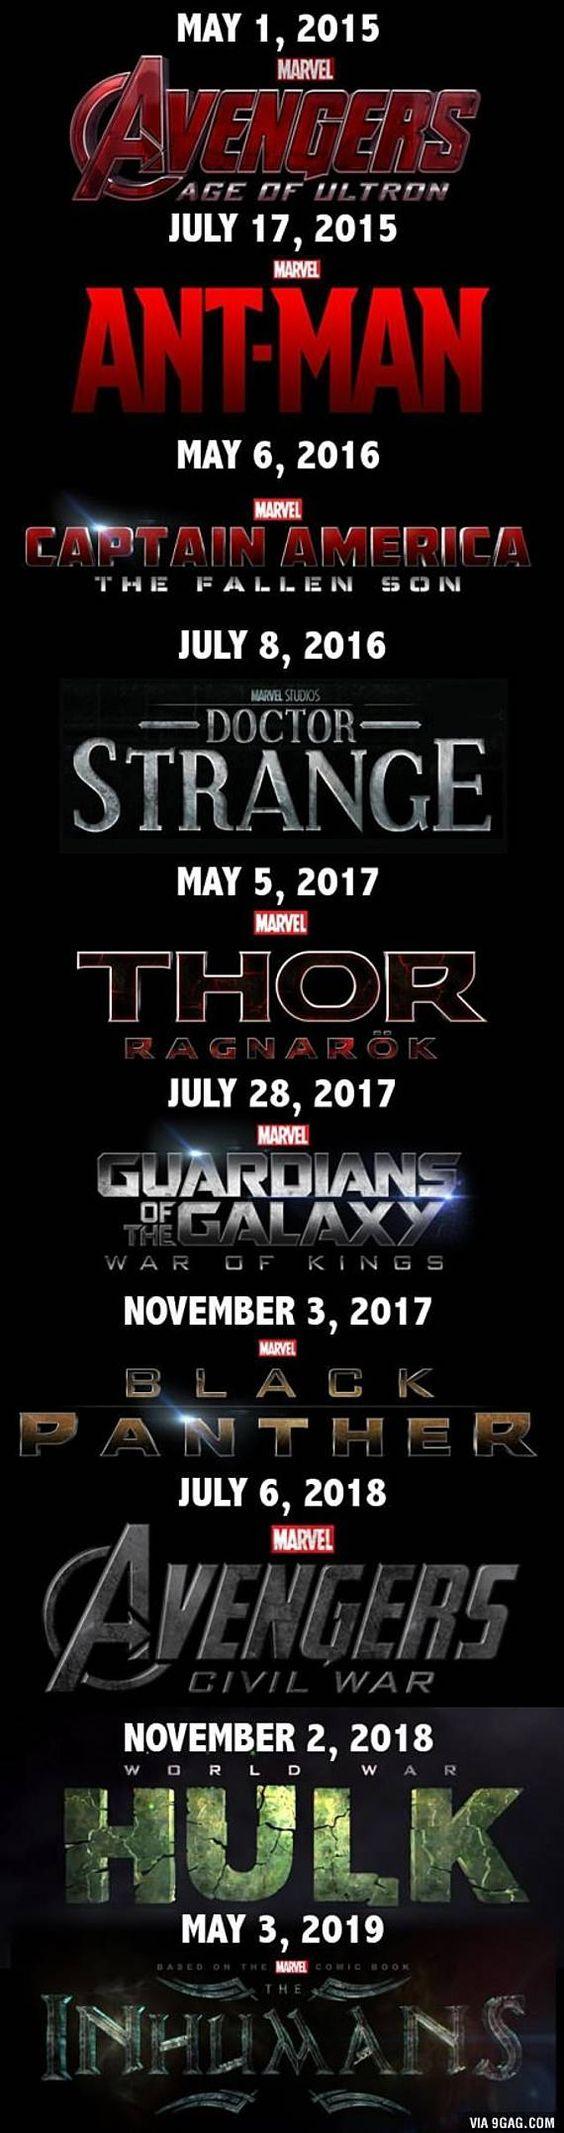 Con mis amigos paso tiempo mirando superhéroes películas al cine. Nos gusta ellos porque son cómico. Nosotros reimos y hablamos. También, mis amigos y yo vamos al cine los fines de semana en la tarde.